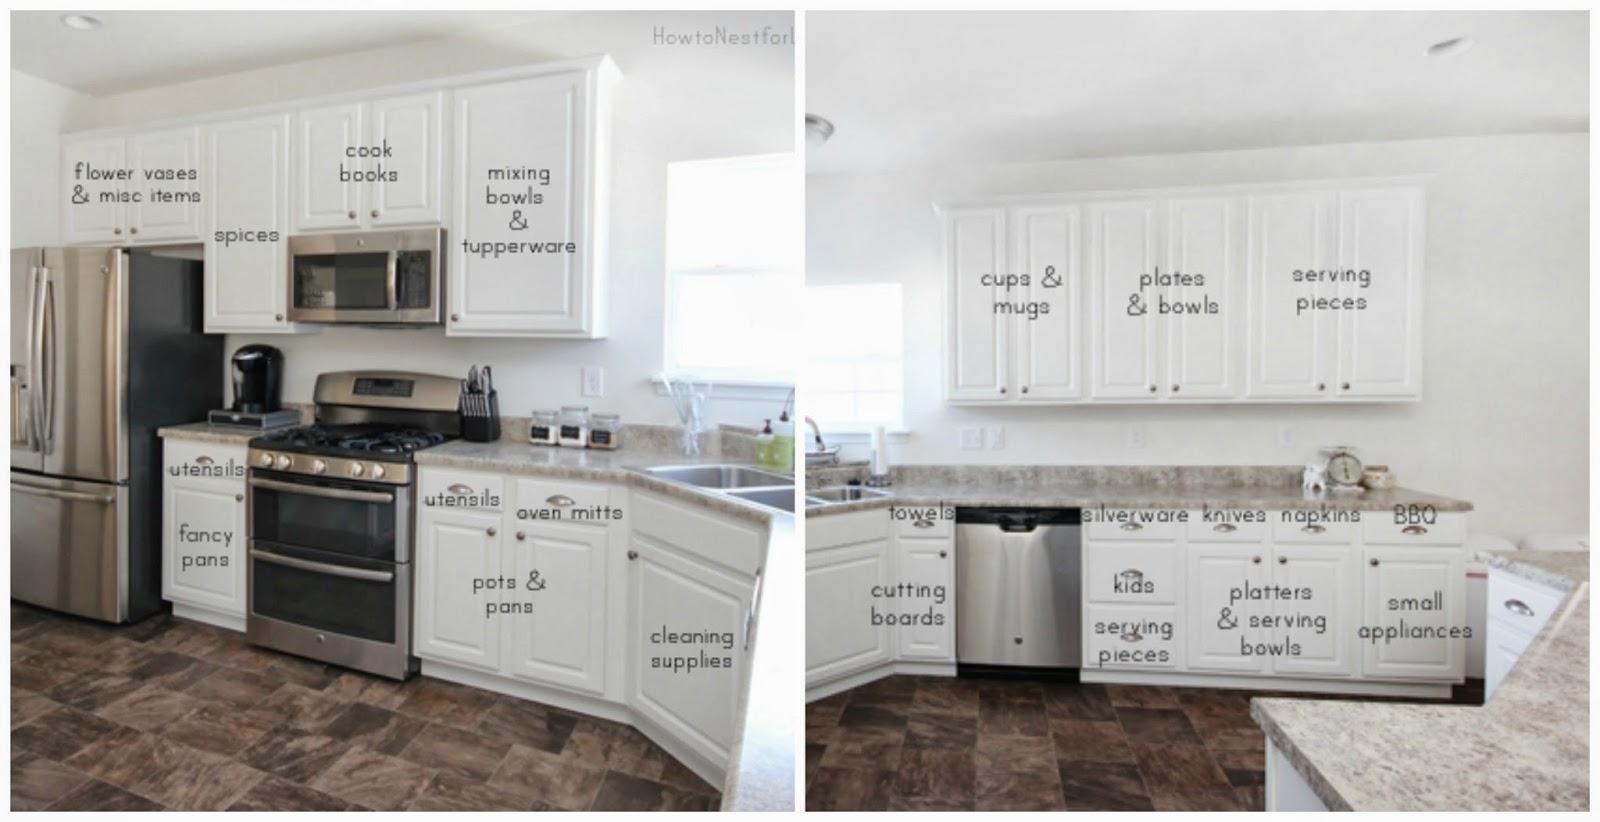 Keuken Schilderen Inspiratie : Inspiratie Keuken ? Veggielista